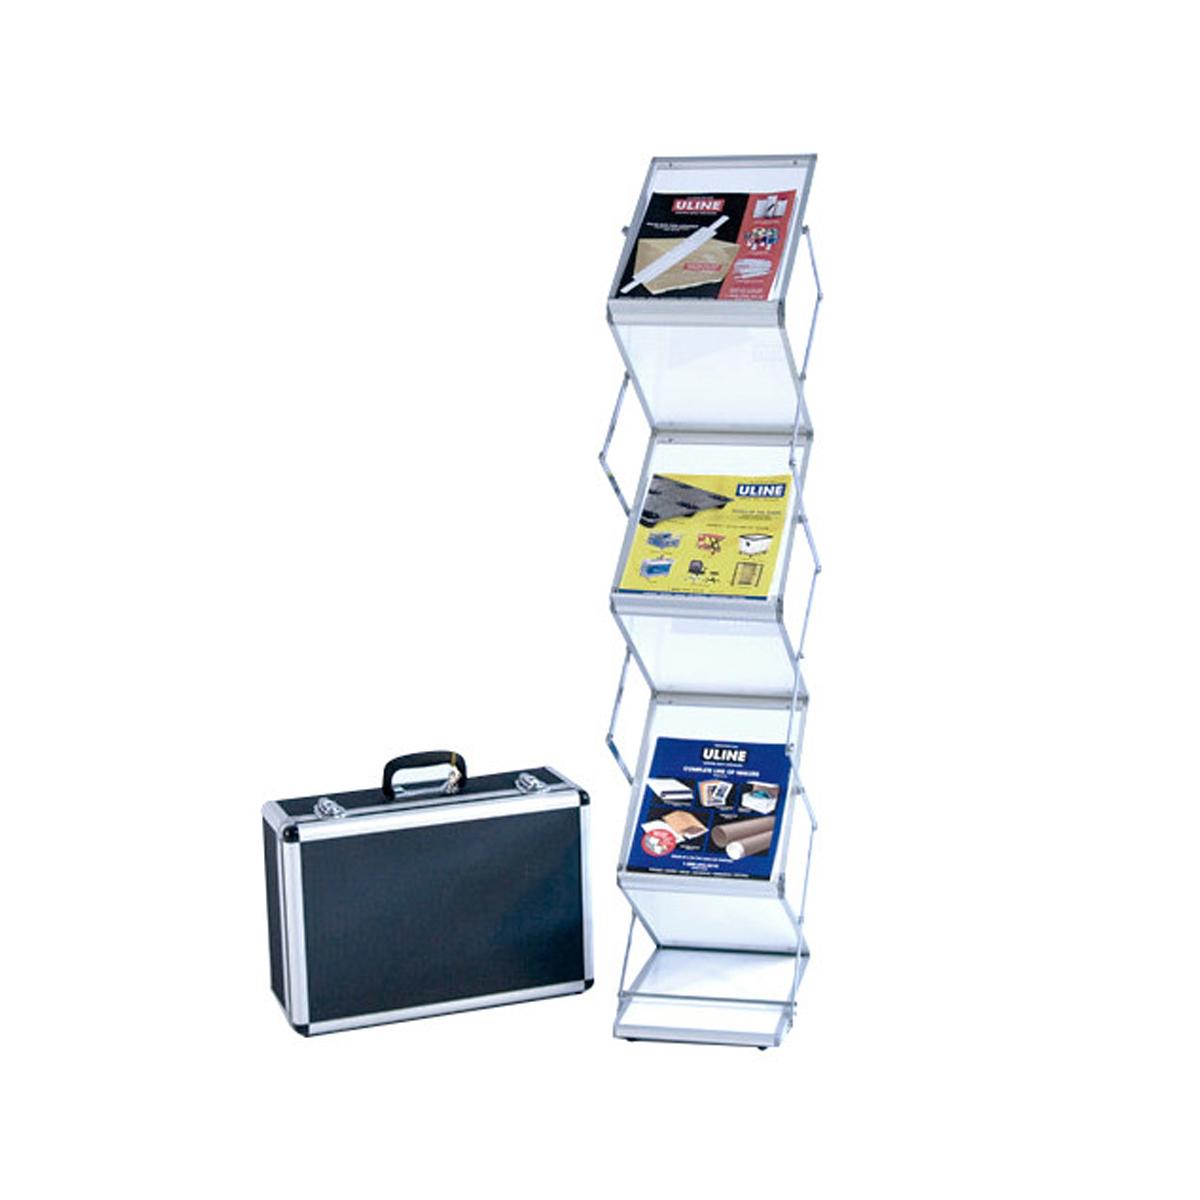 Premium Suitcase Literature Stand